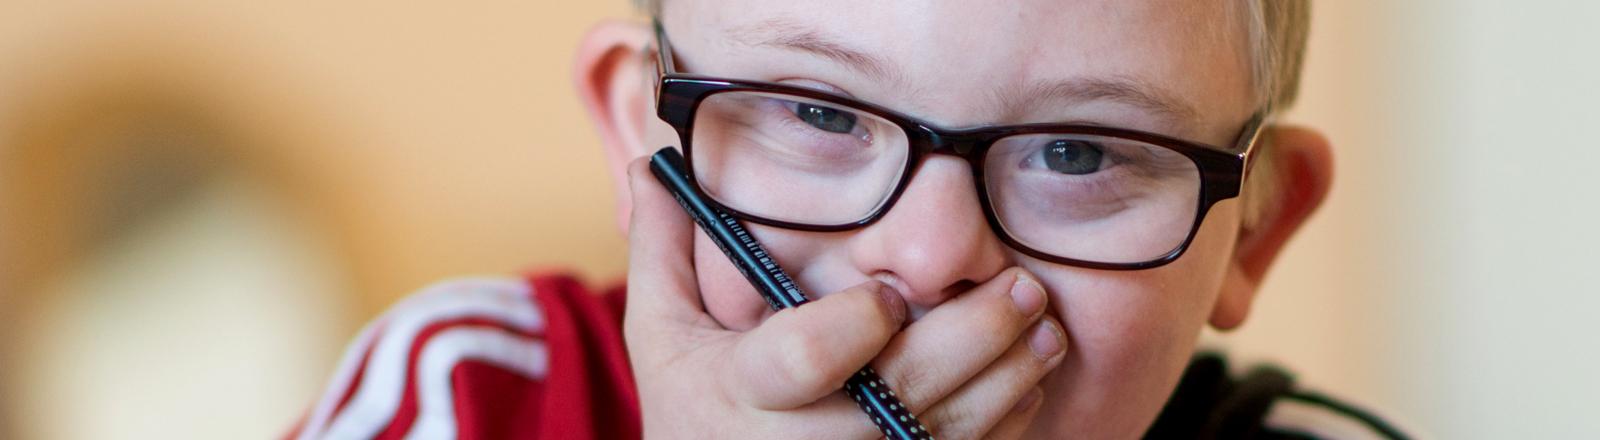 Ein Kind mit Down-Syndrom in seiner Schulklasse